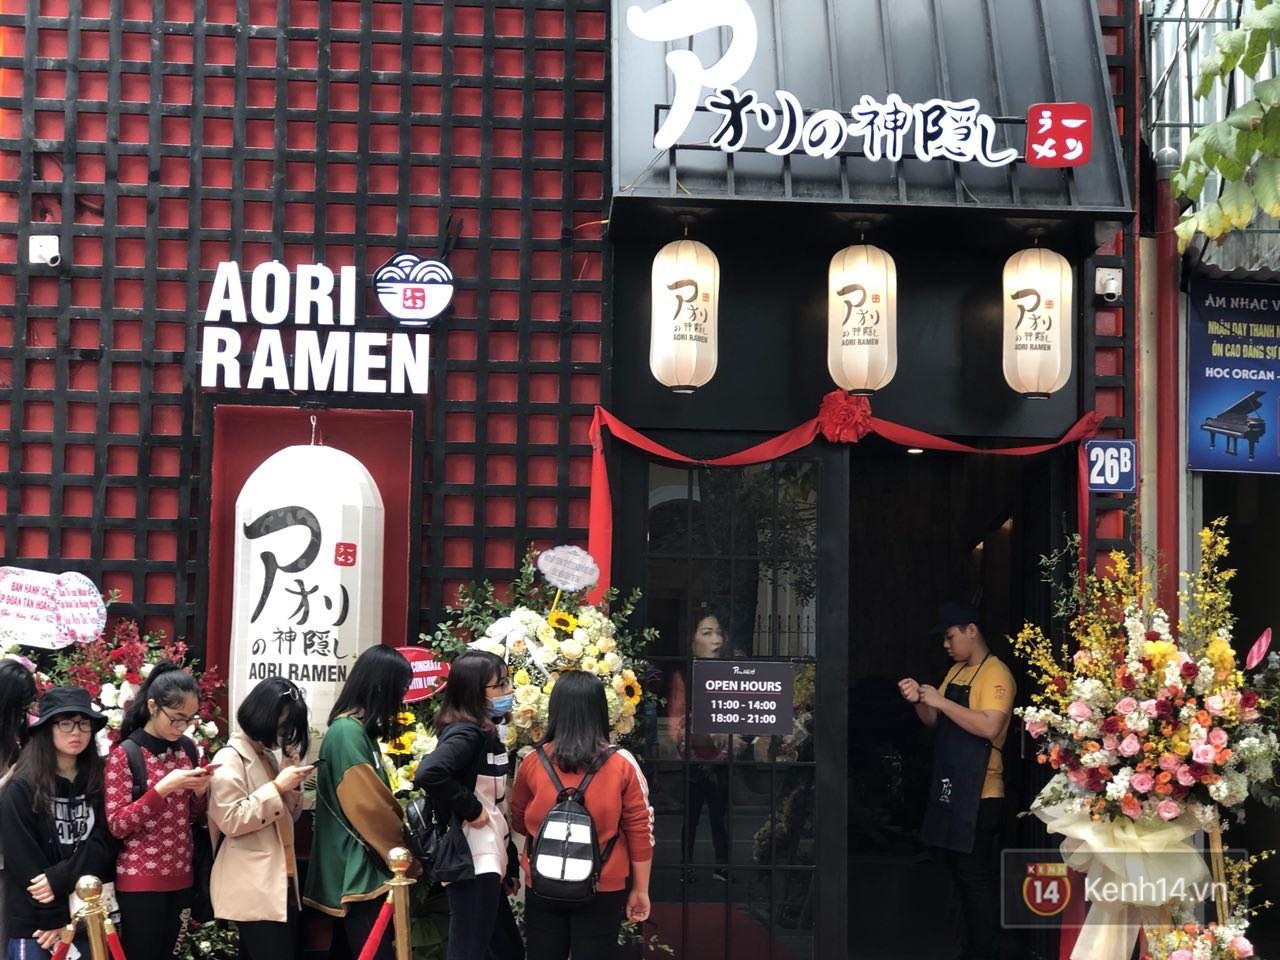 Cửa hàng mì của Seungri ngày khai trương ở Hà Nội: Khách đội mưa, xếp hàng ngoài cửa từ 6h sáng - Ảnh 2.